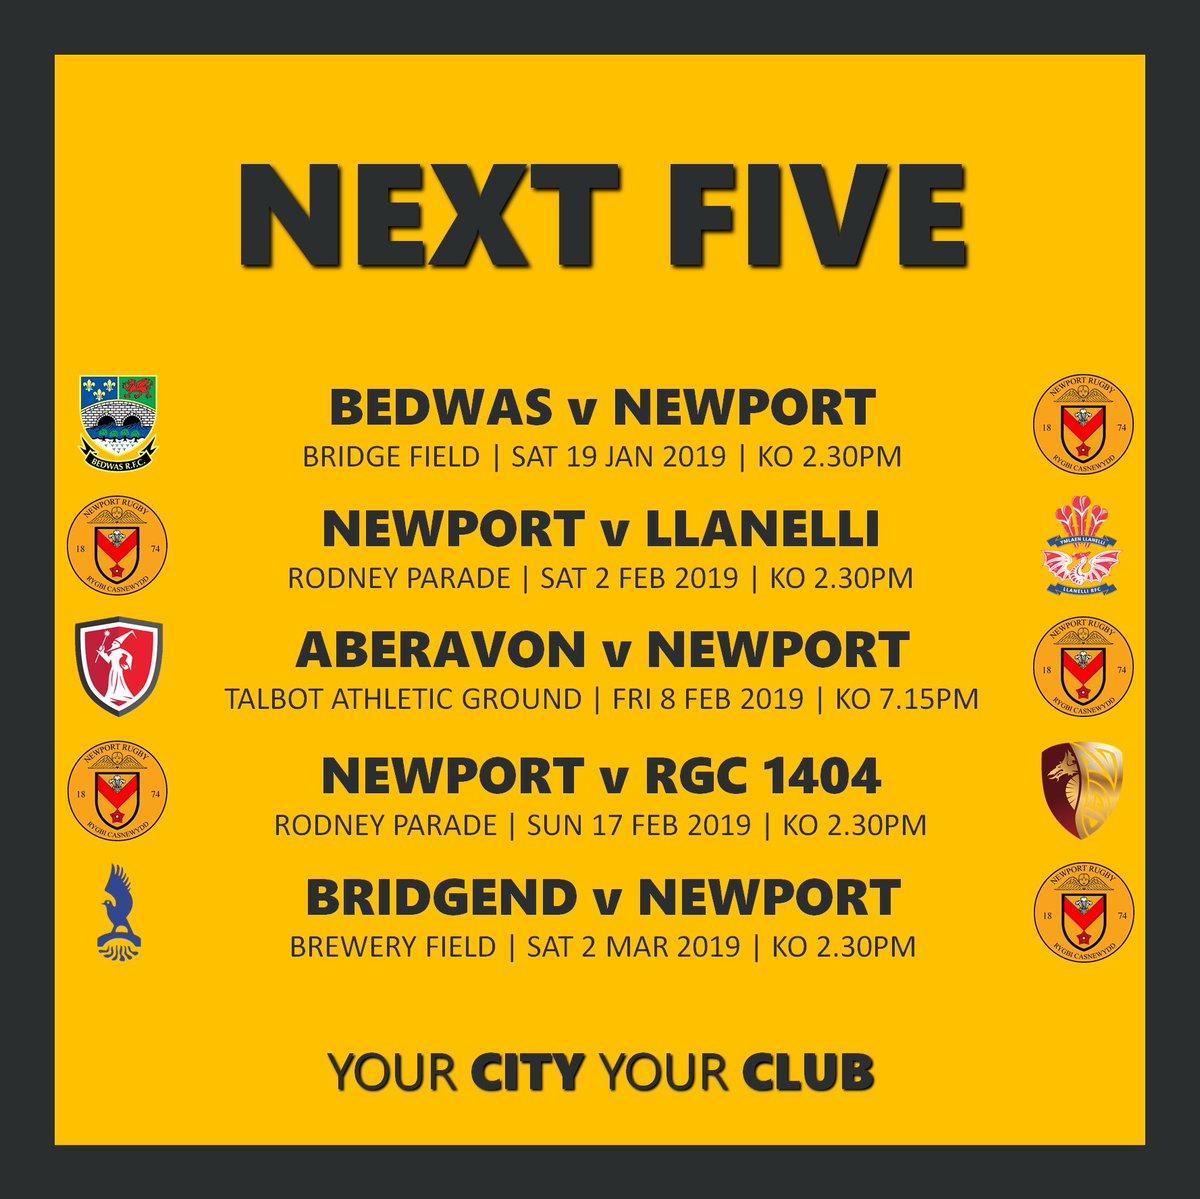 RT @NewportRFC: NEXT FIVE | Get your diaries out! PUM NESAF | Dyddiaduron yn barod!  #COTP #YmlaenCasnewydd https://t.co/jSAg4wz9Rh